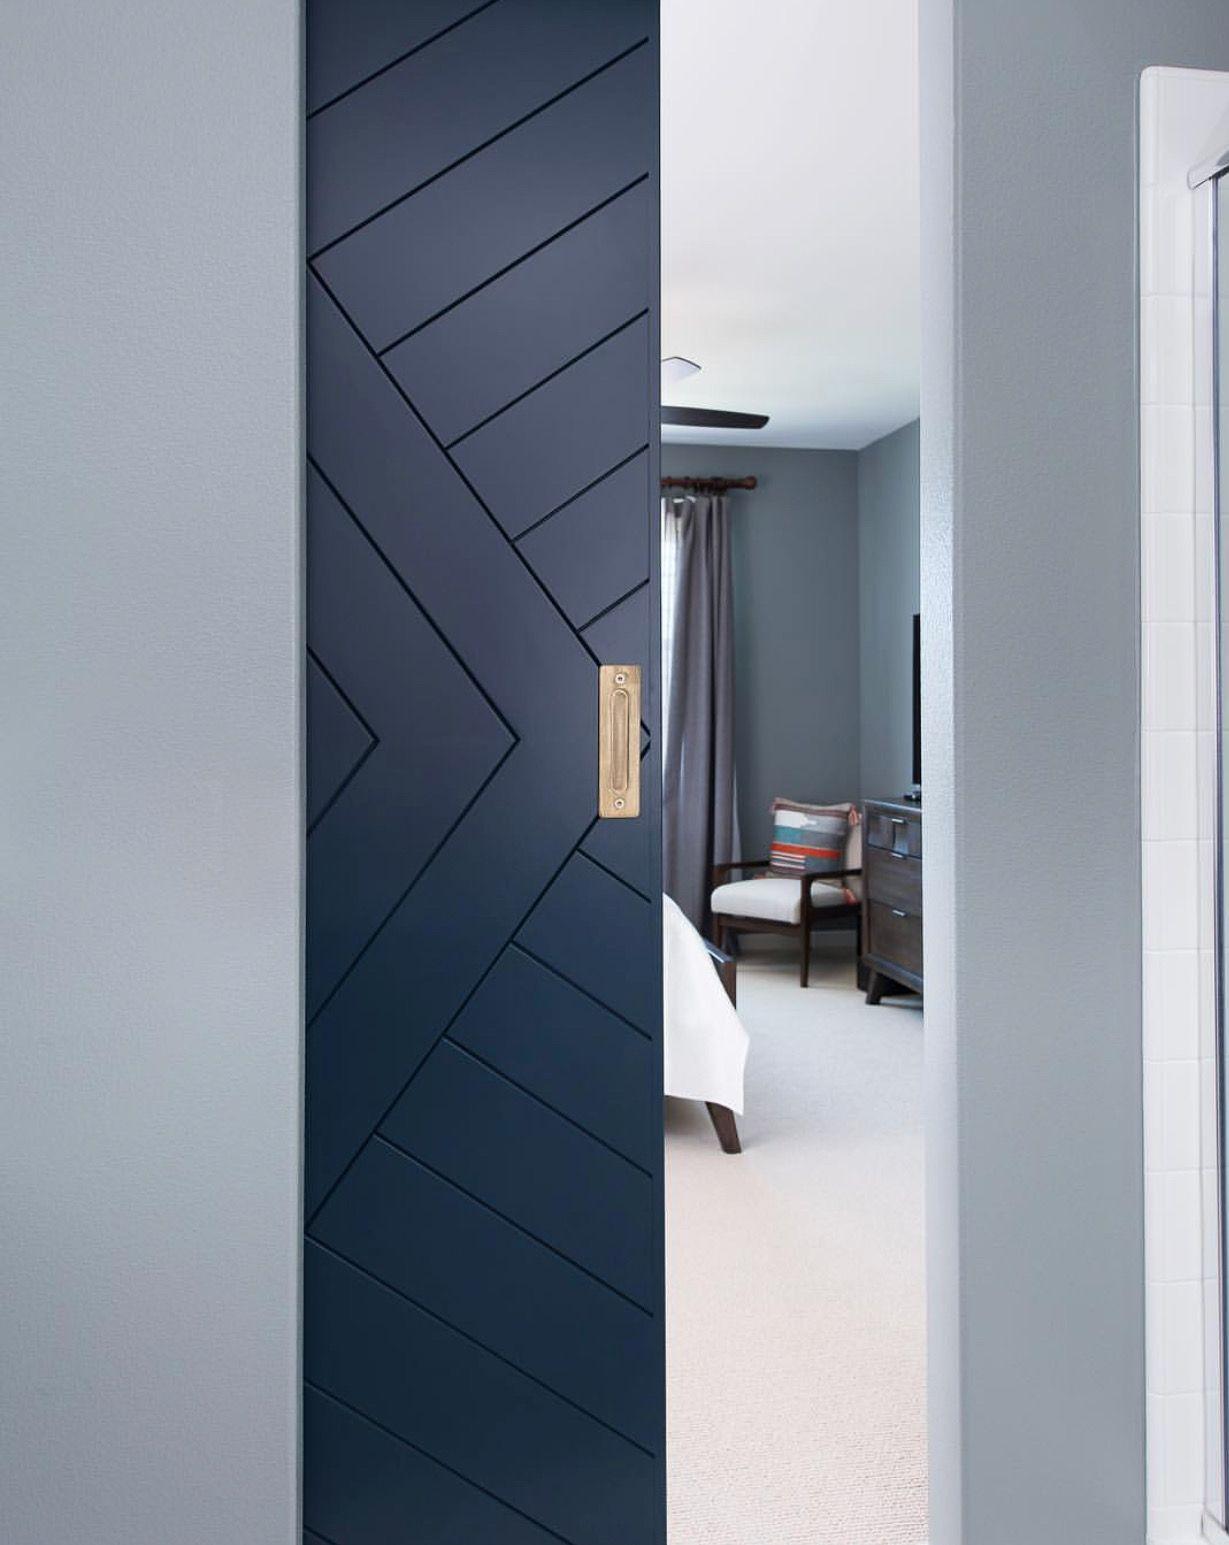 This Is A Barn Door That Looks Like A Pocket Door Beautiful Either Way Barn Style Sliding Doors Barn Doors Sliding Bedroom Doors